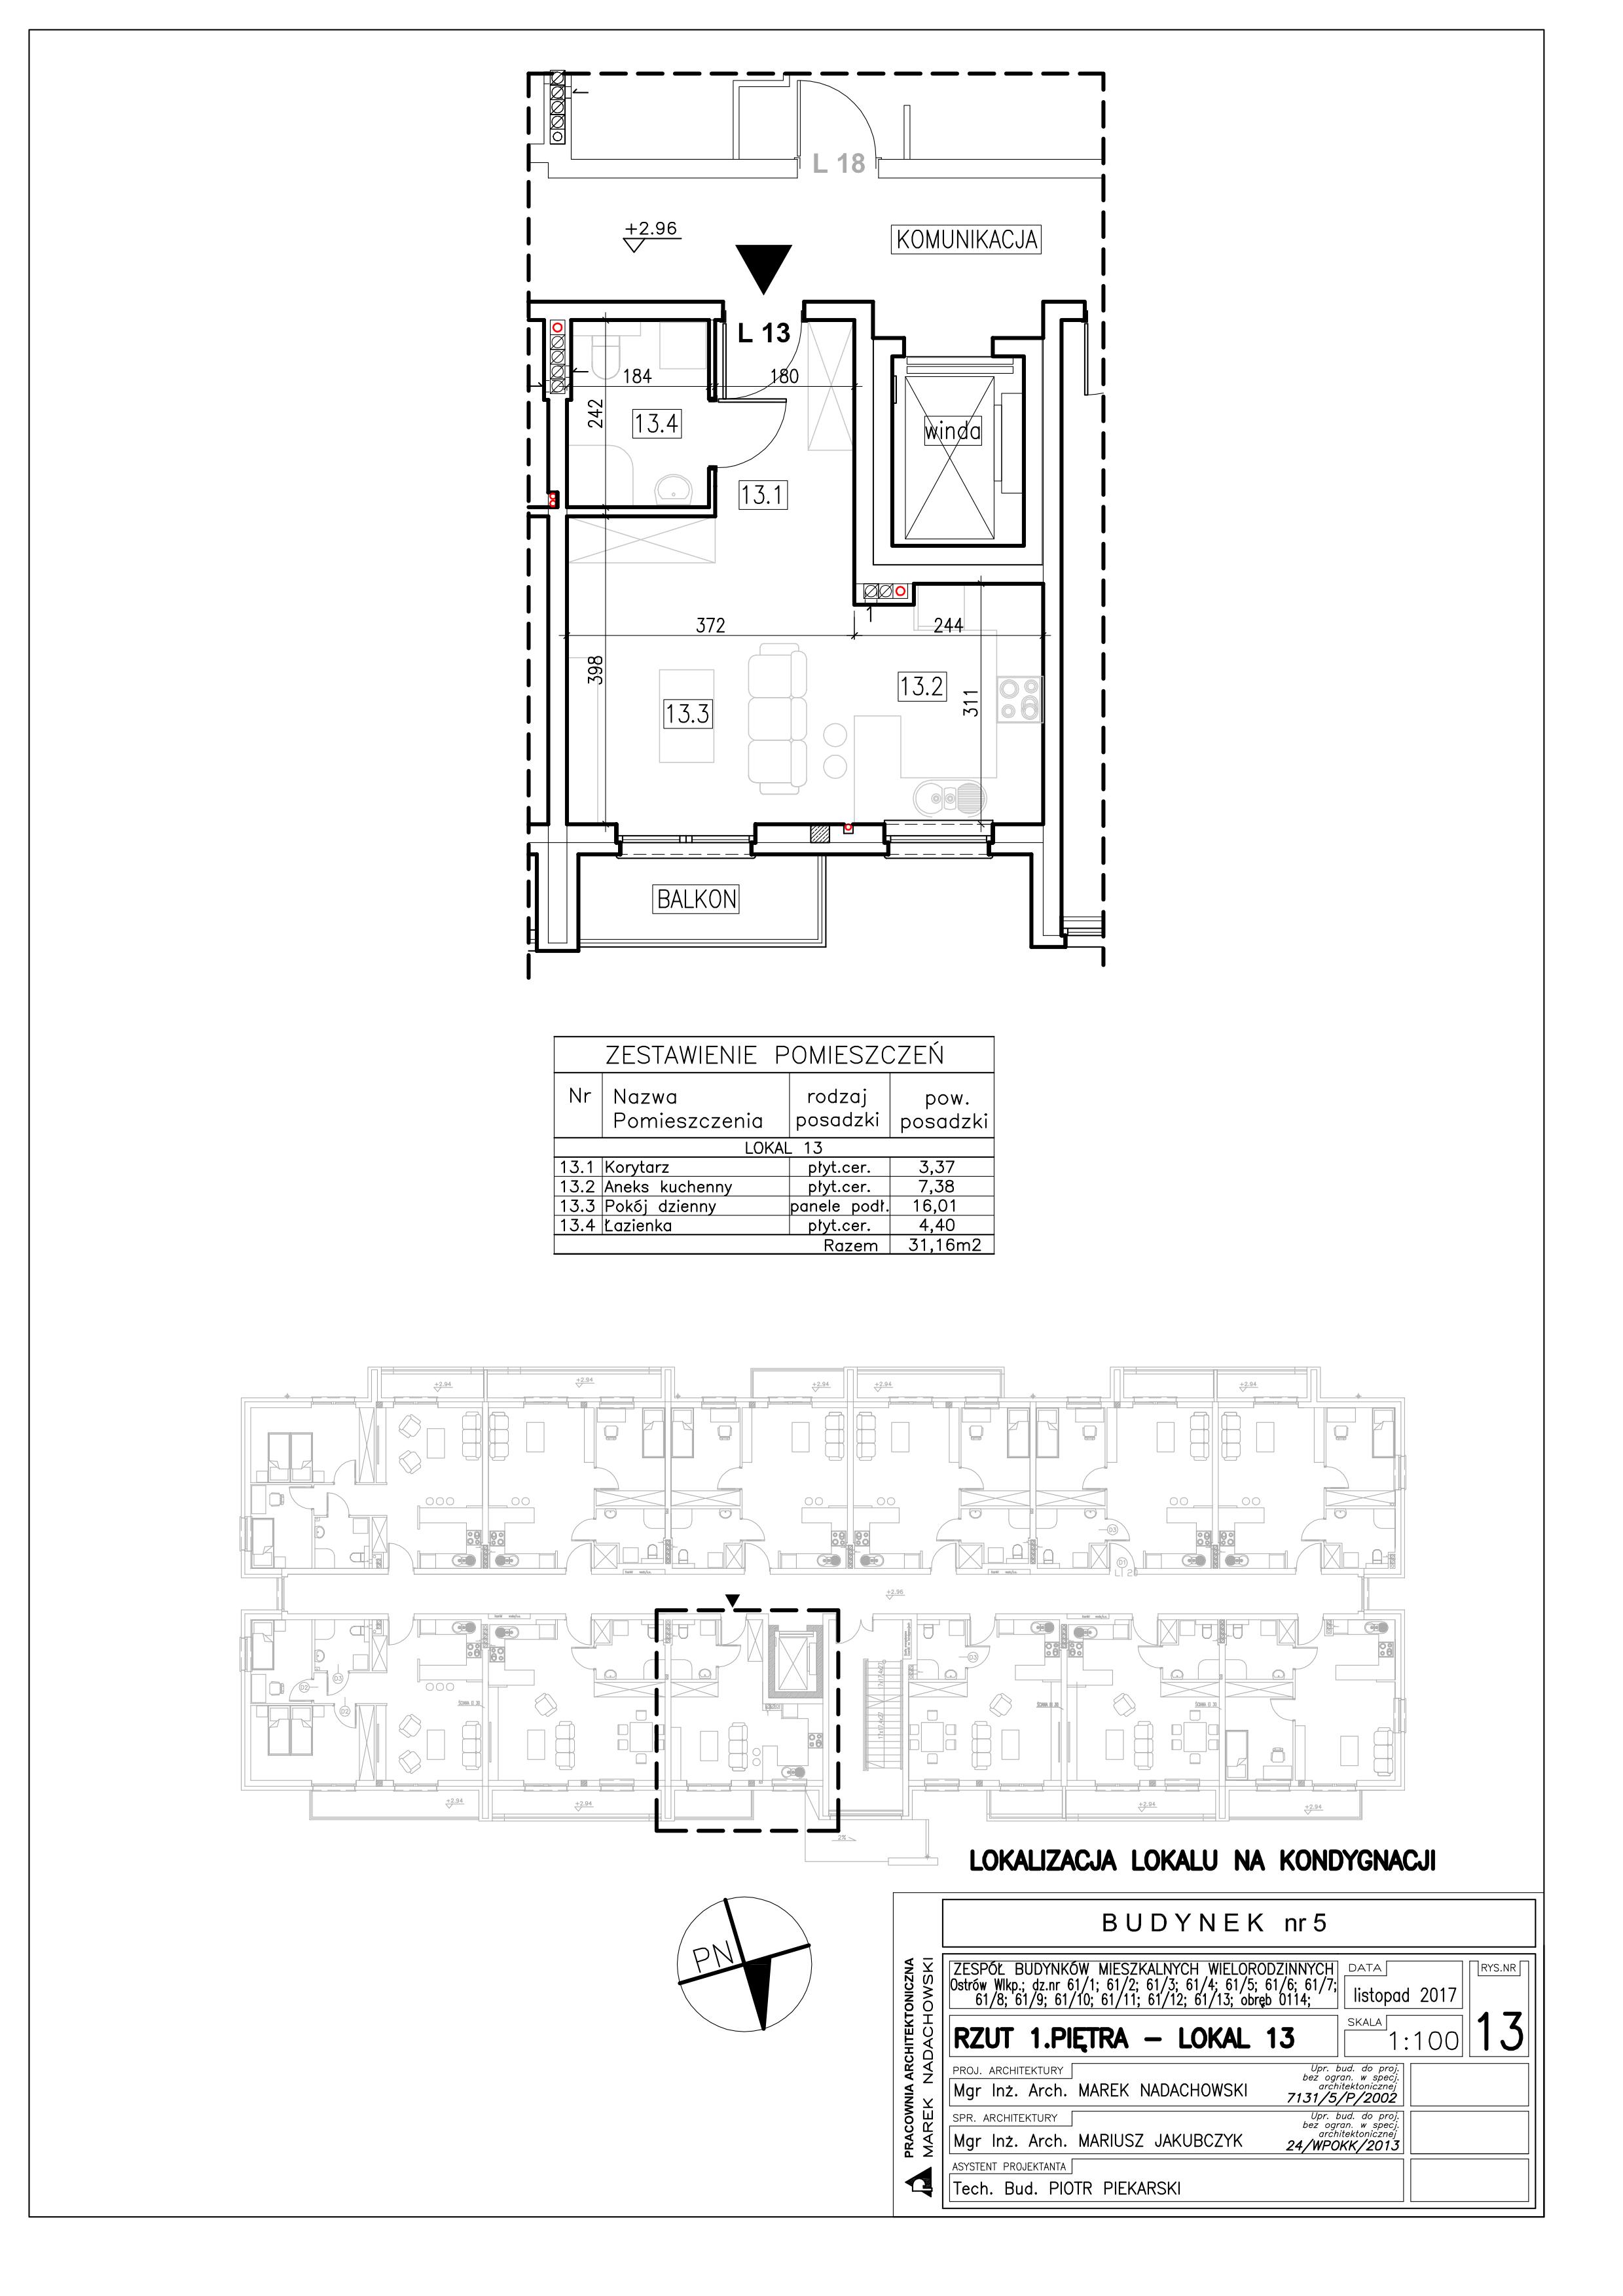 Lokal nr 13 Powierzchnia: 31,16 m2